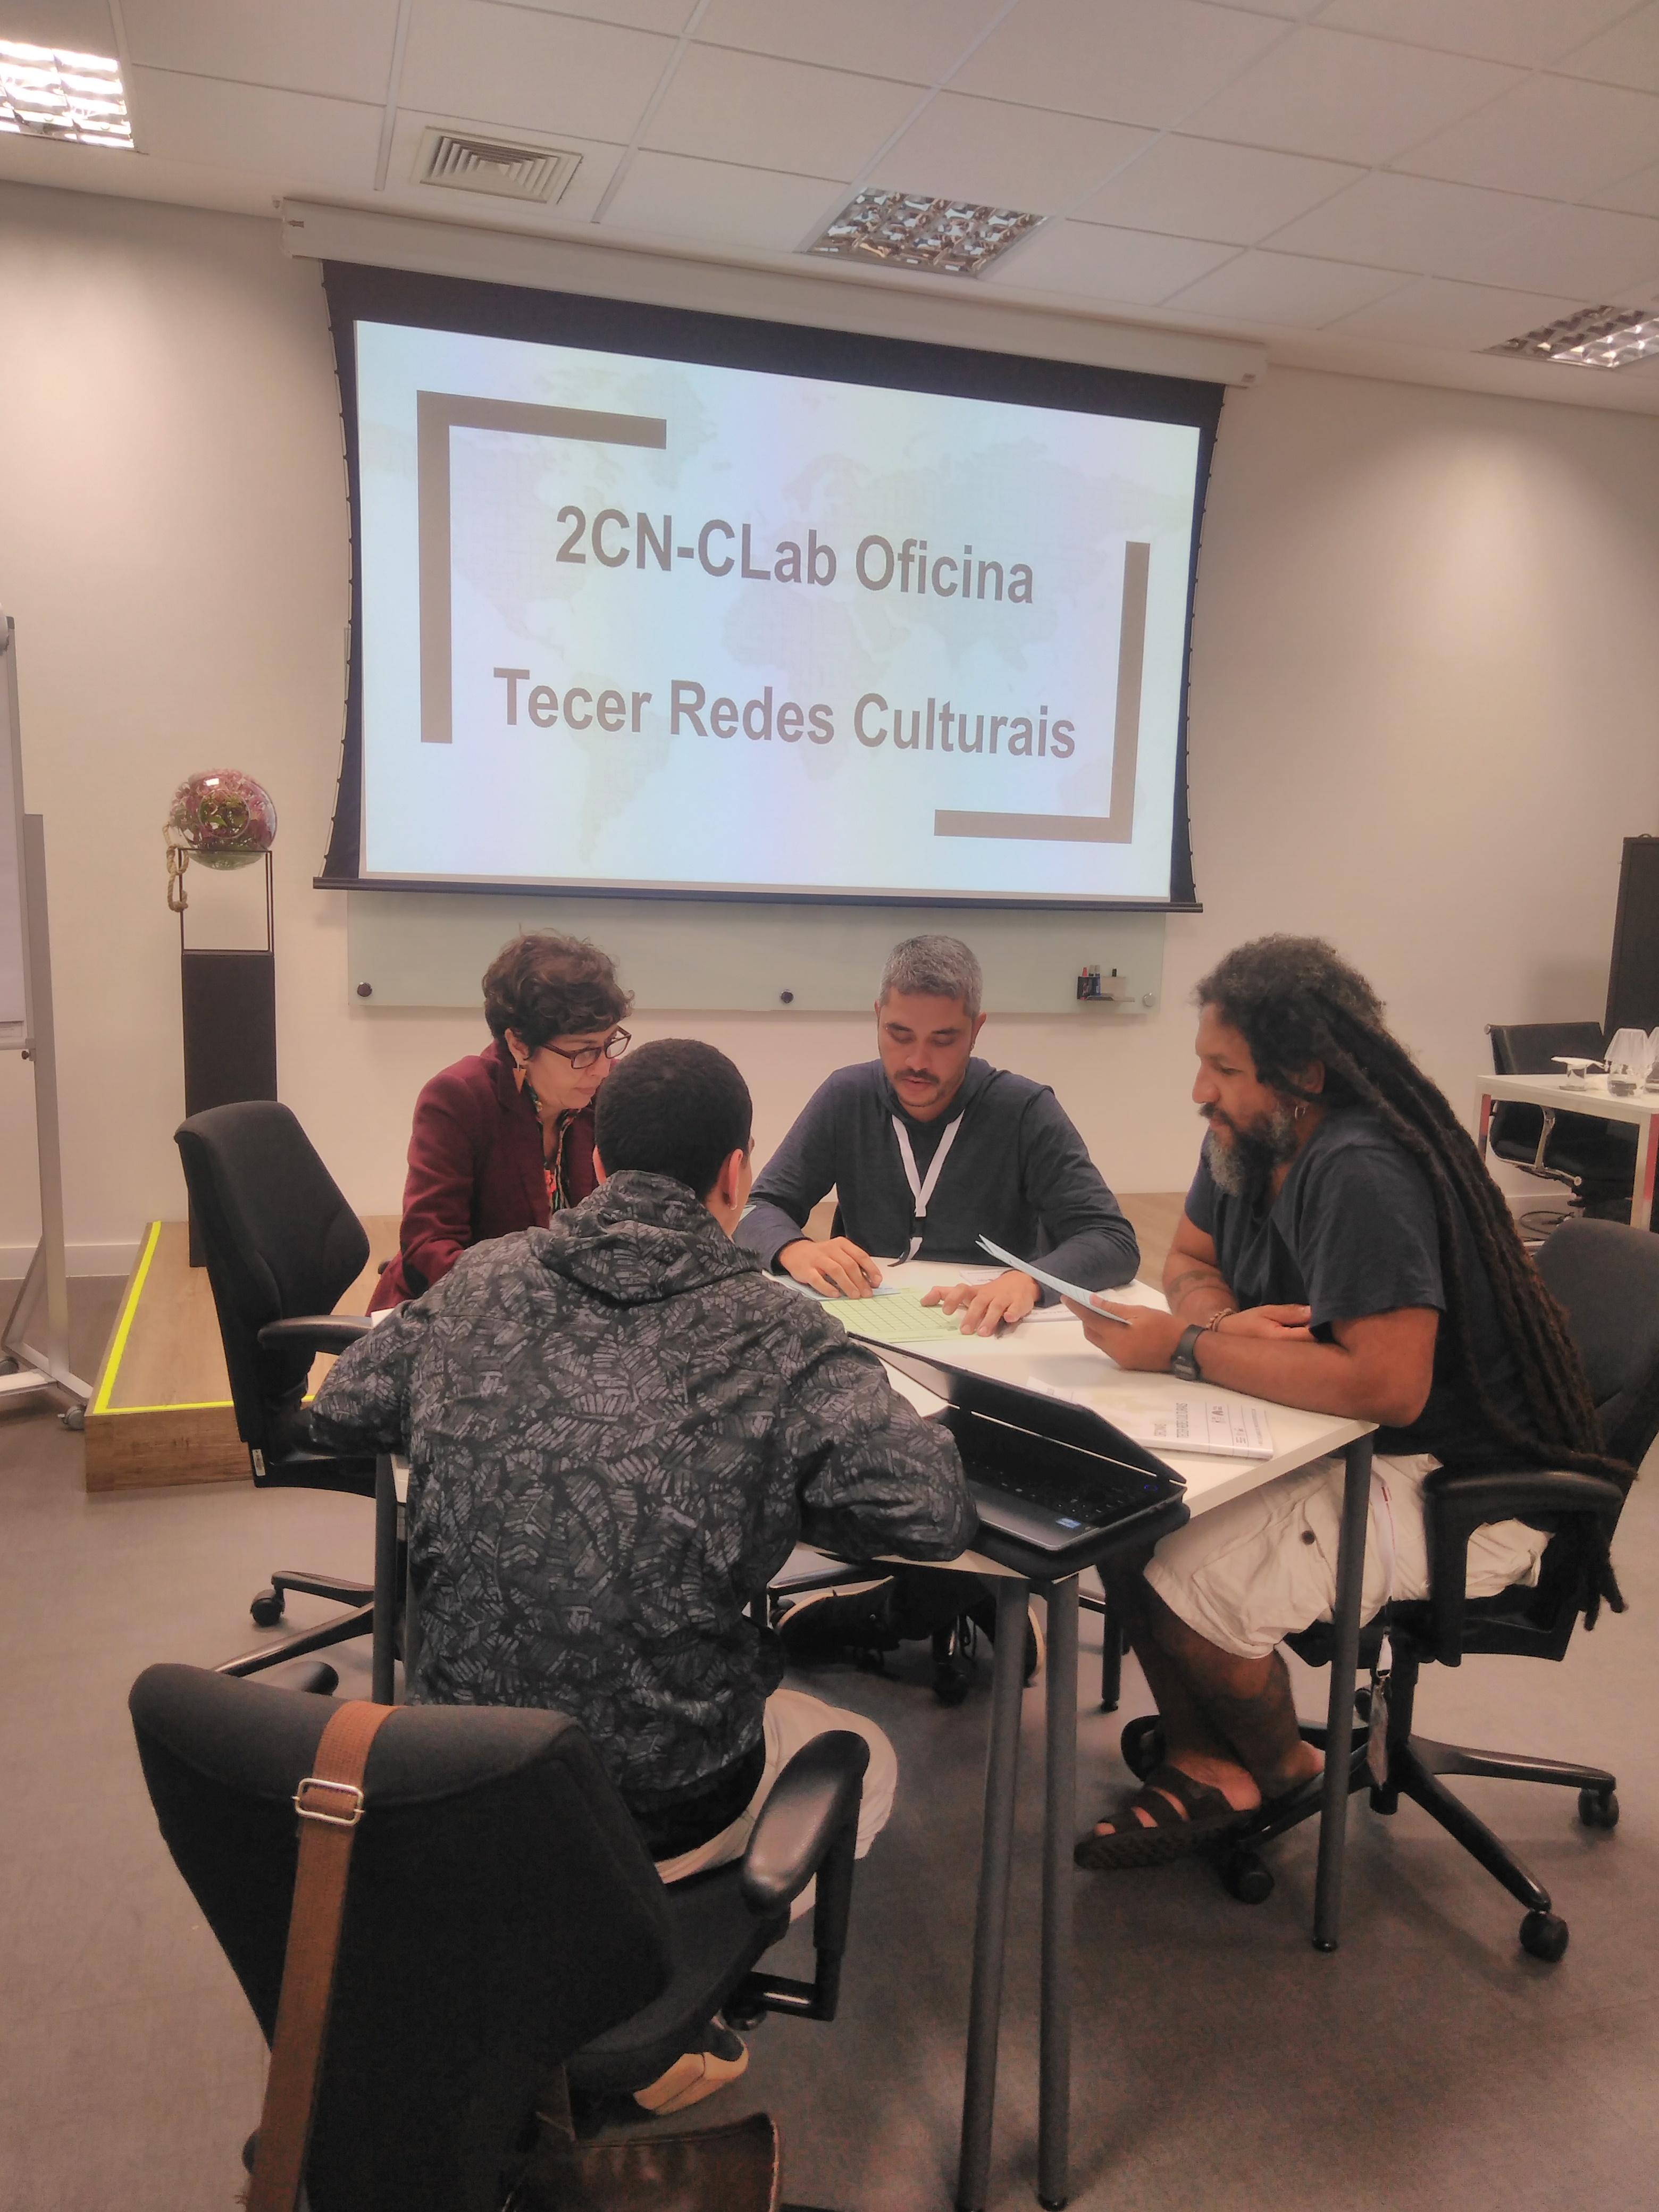 Sete novas ações do 2CN-CLab no Brasil